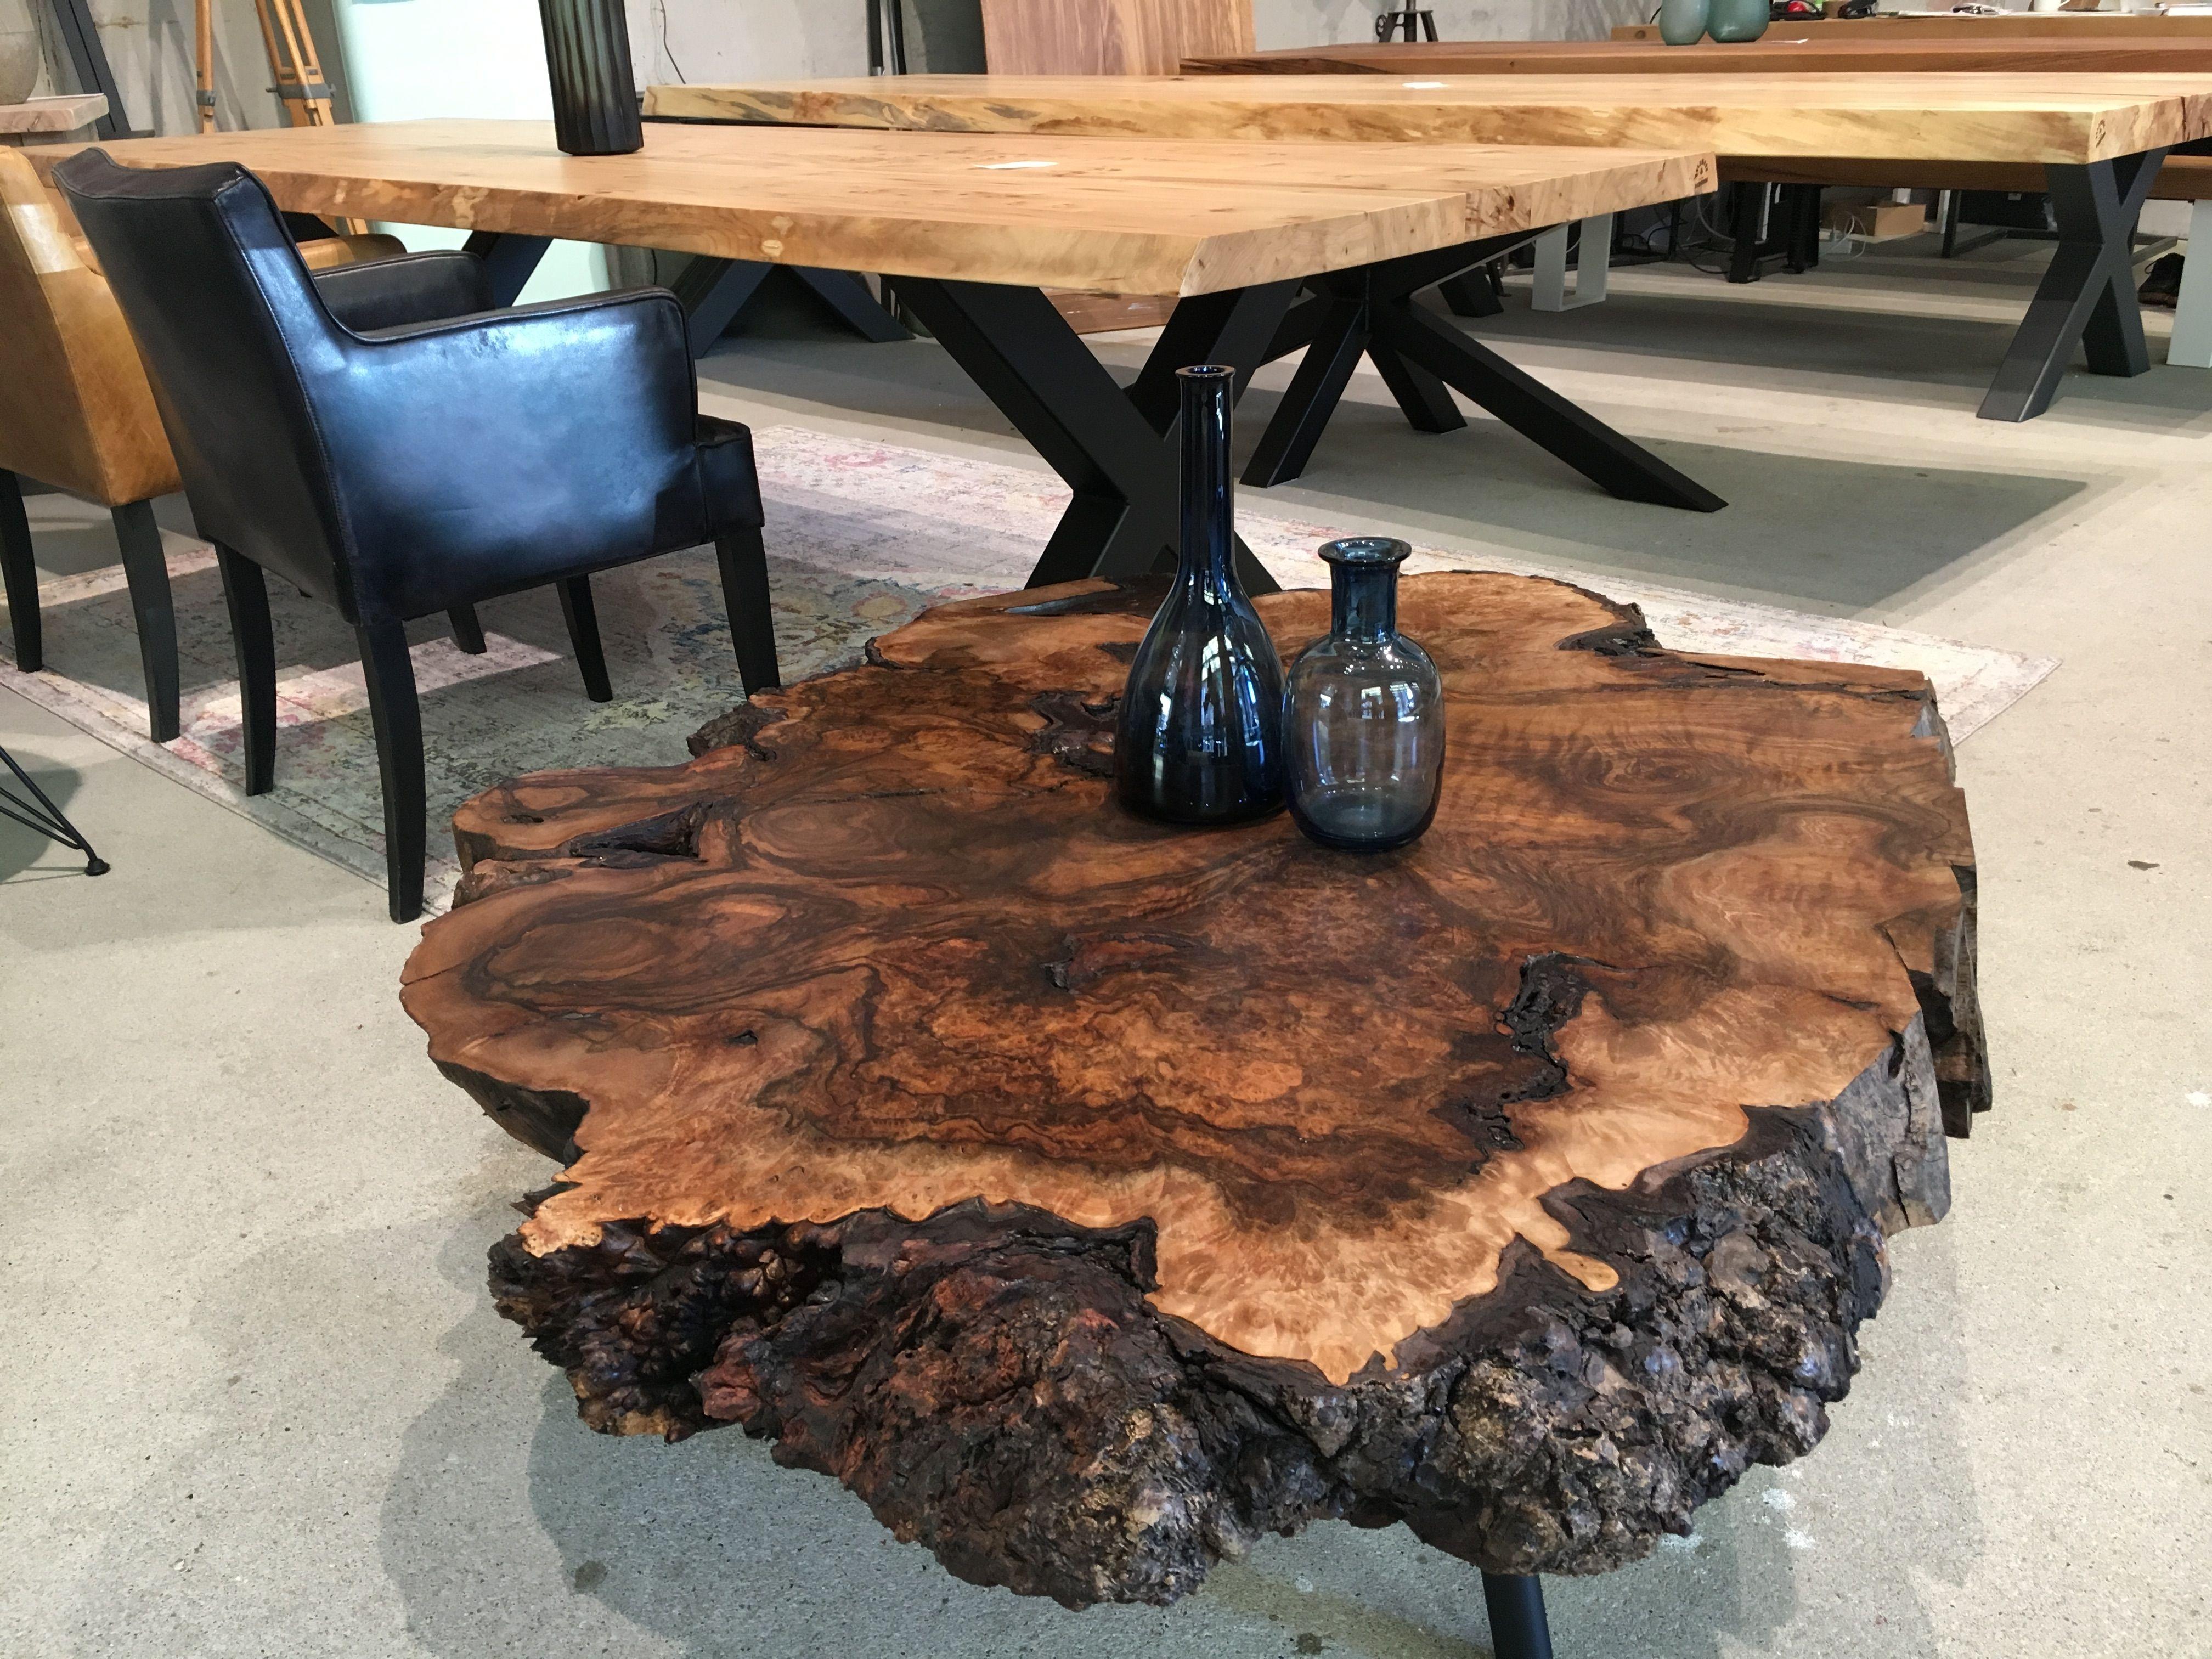 Couchtisch Baumscheibe Tisch Massivholztisch Www Holzwerk Hamburg De Baumscheiben Tisch Couchtisch Baumscheibe Holztisch Selber Bauen